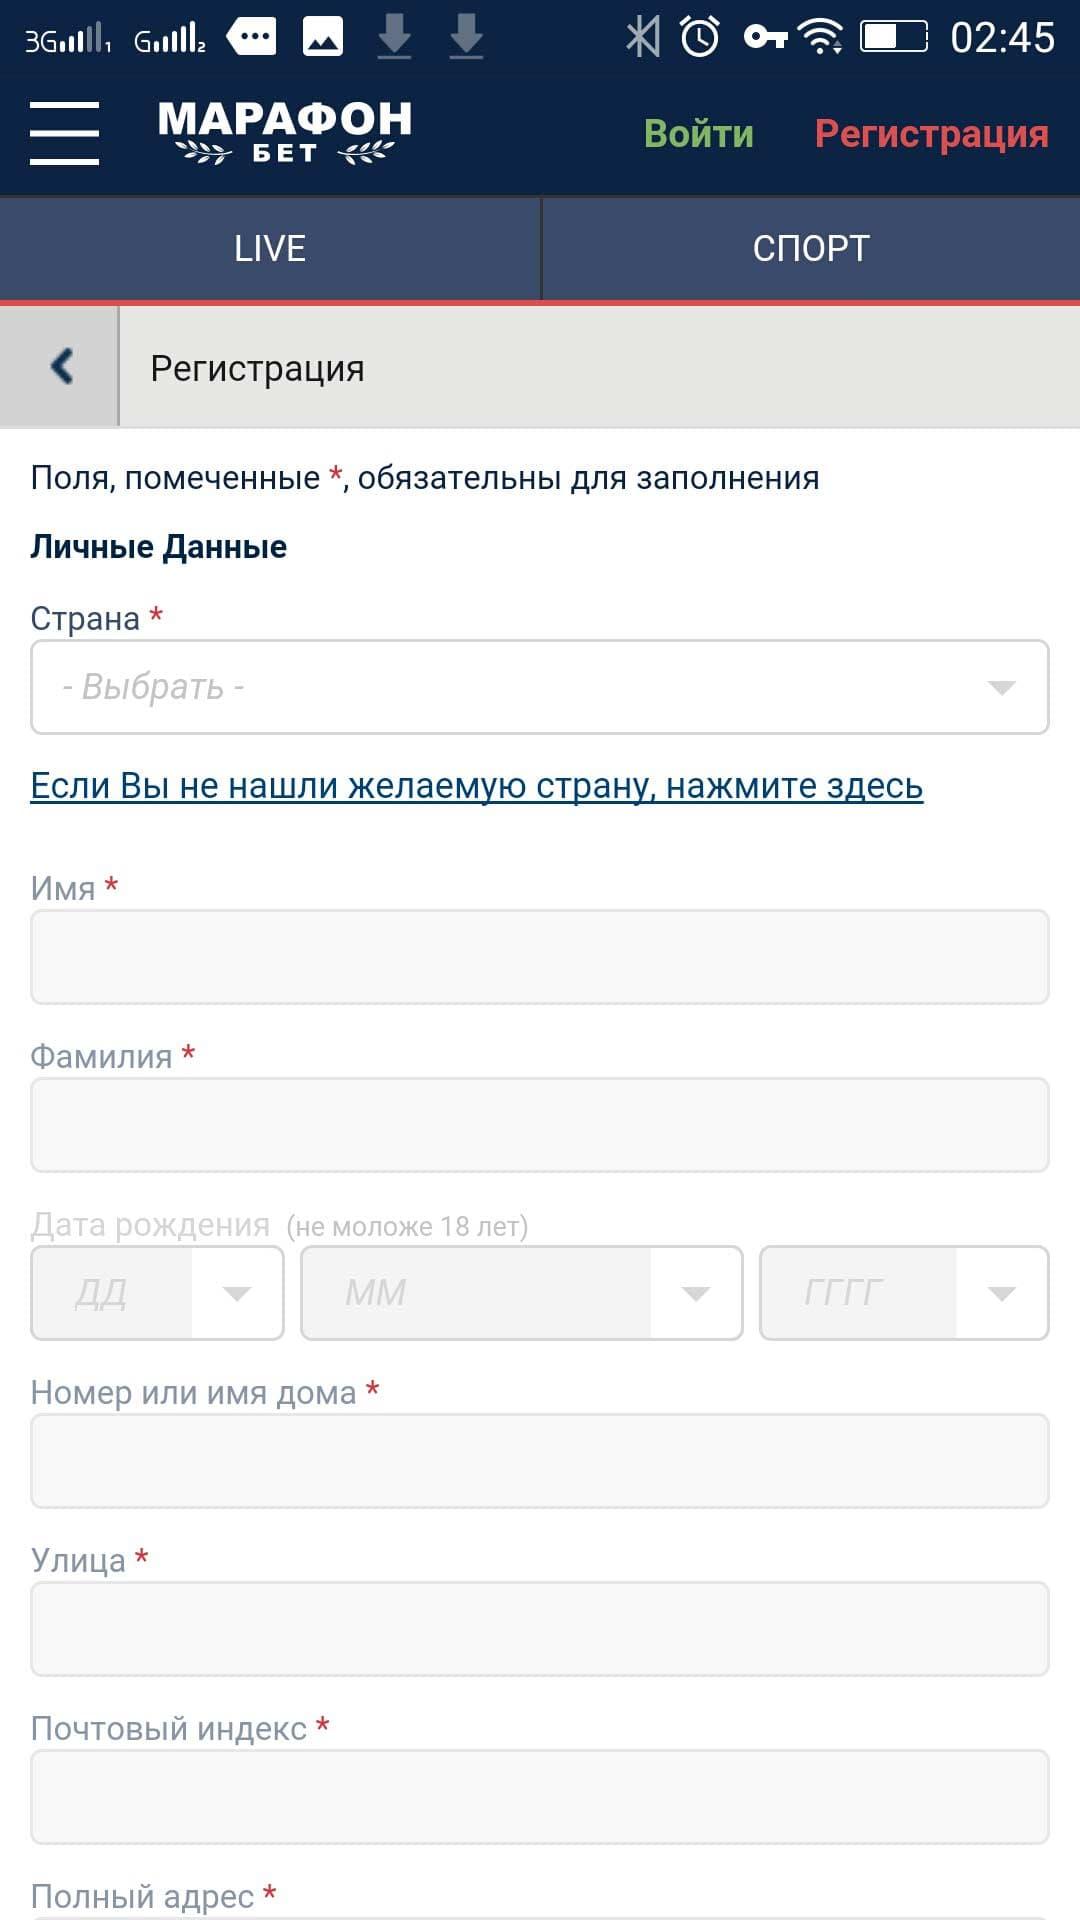 marathonbet-registratsiya-8